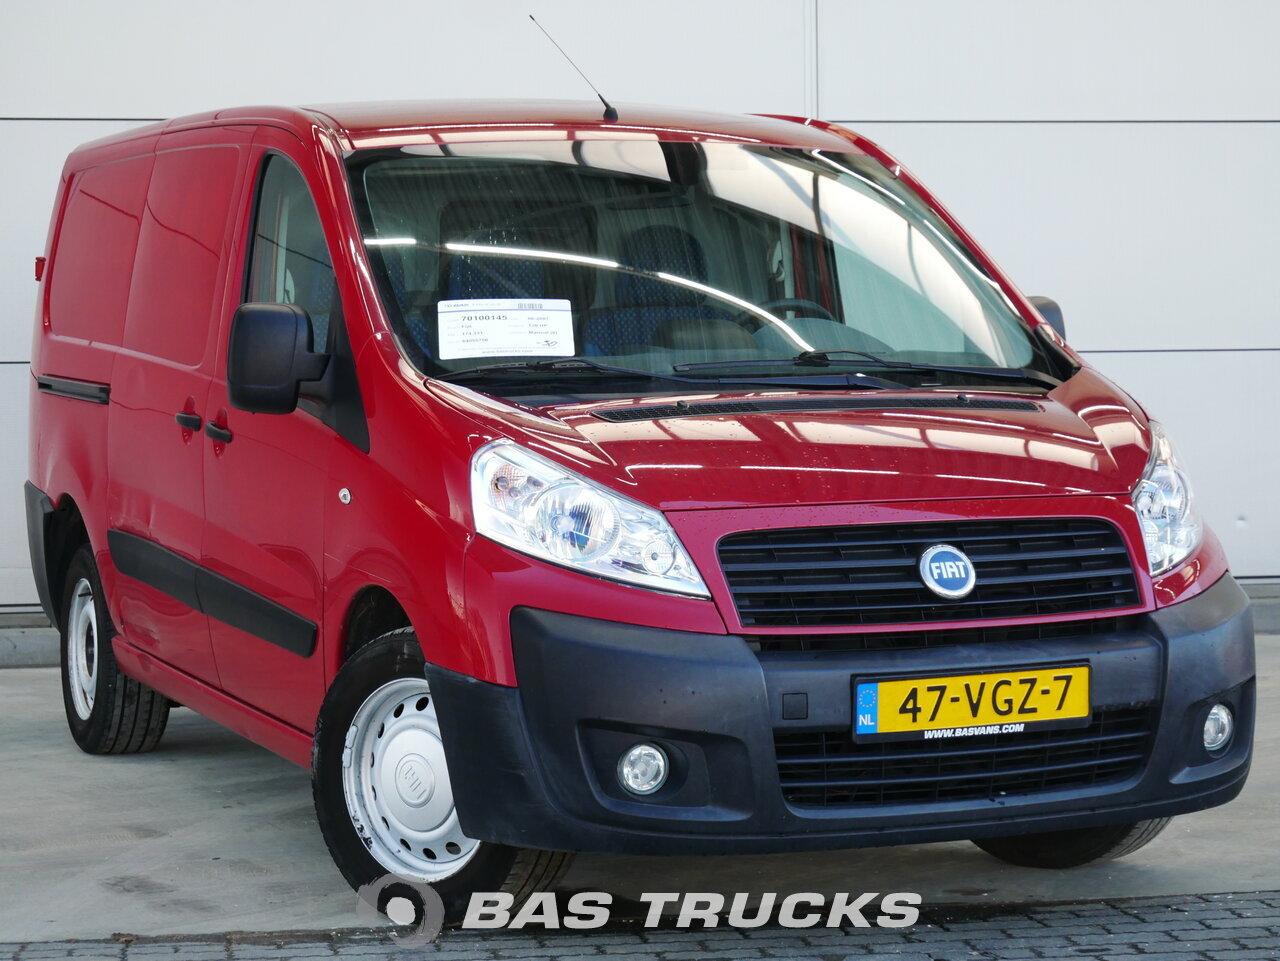 Ogromny Fiat Scudo Samochód dostawczy Euro 5 €3900 - BAS Trucks PY28